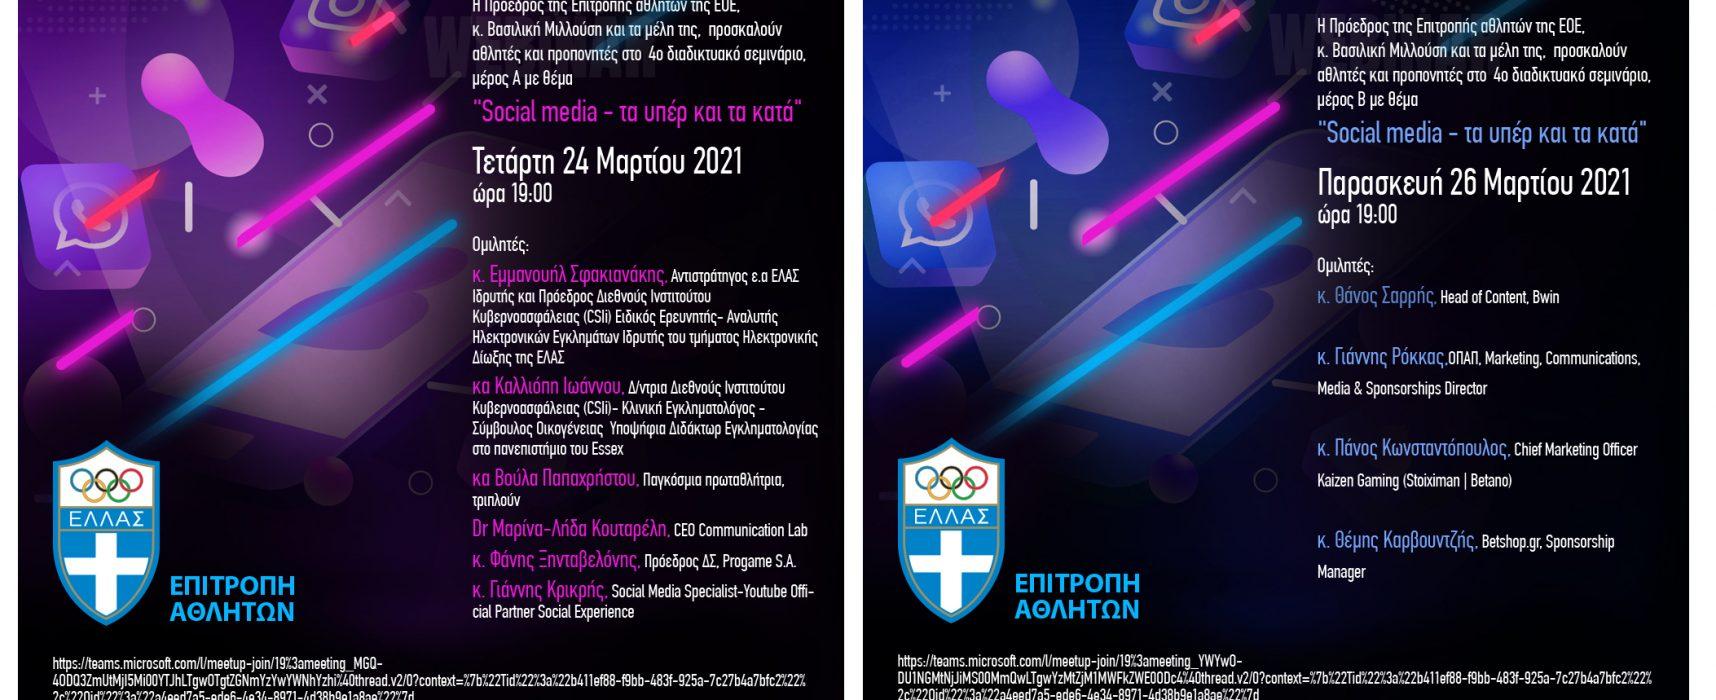 To 4o webinar της Επιτροπής Αθλητών της ΕΟΕ